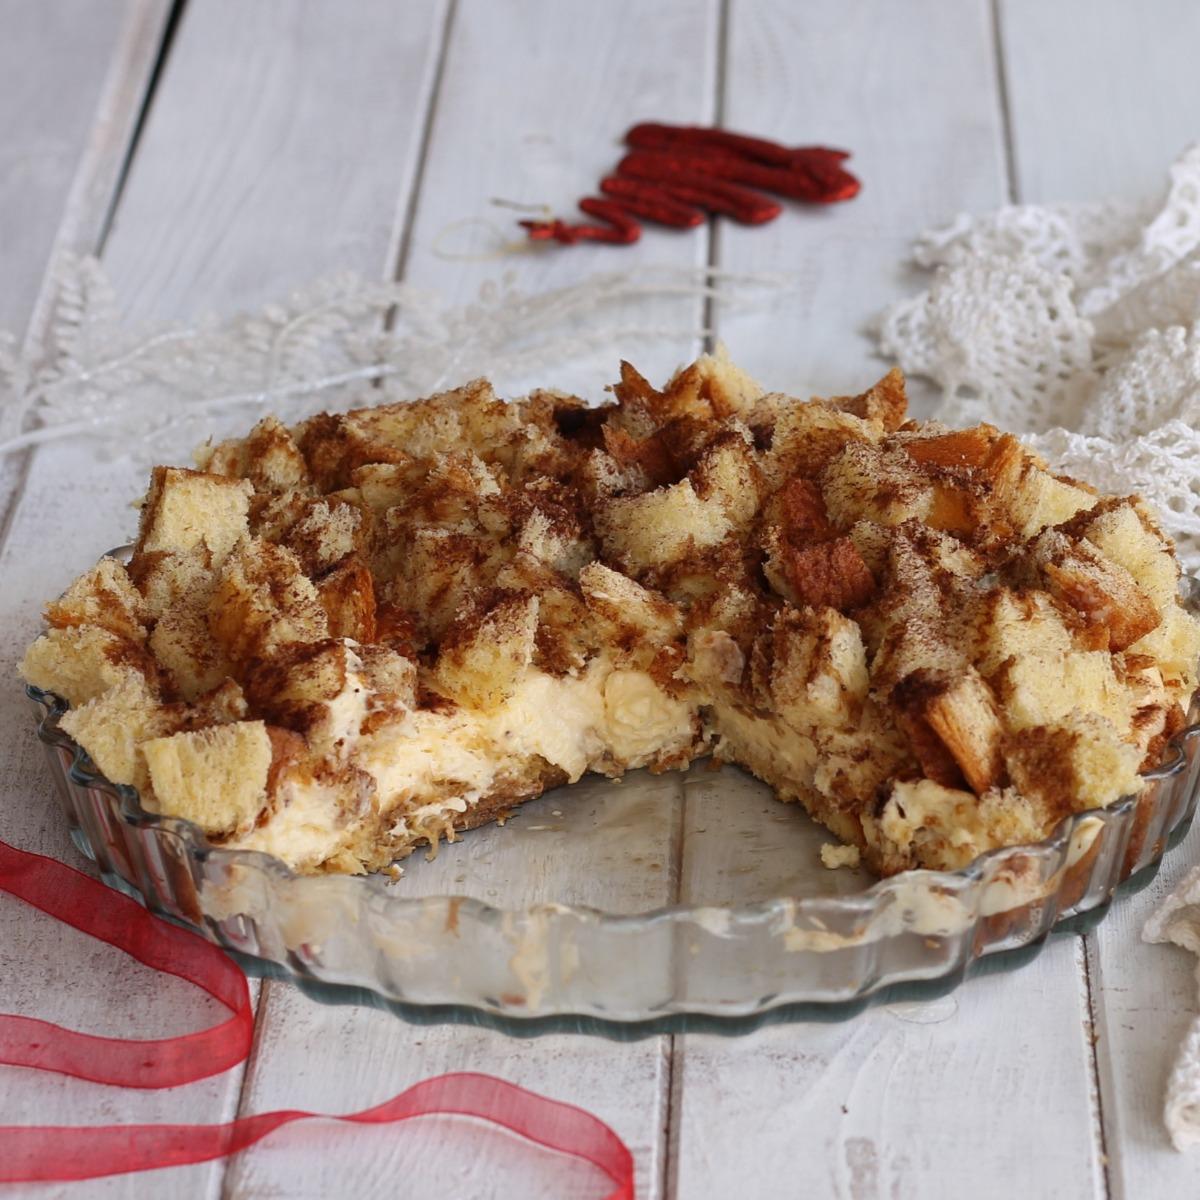 SBRICIOLATA DI PANDORO AL TIRAMISU ricetta dolce di Natale